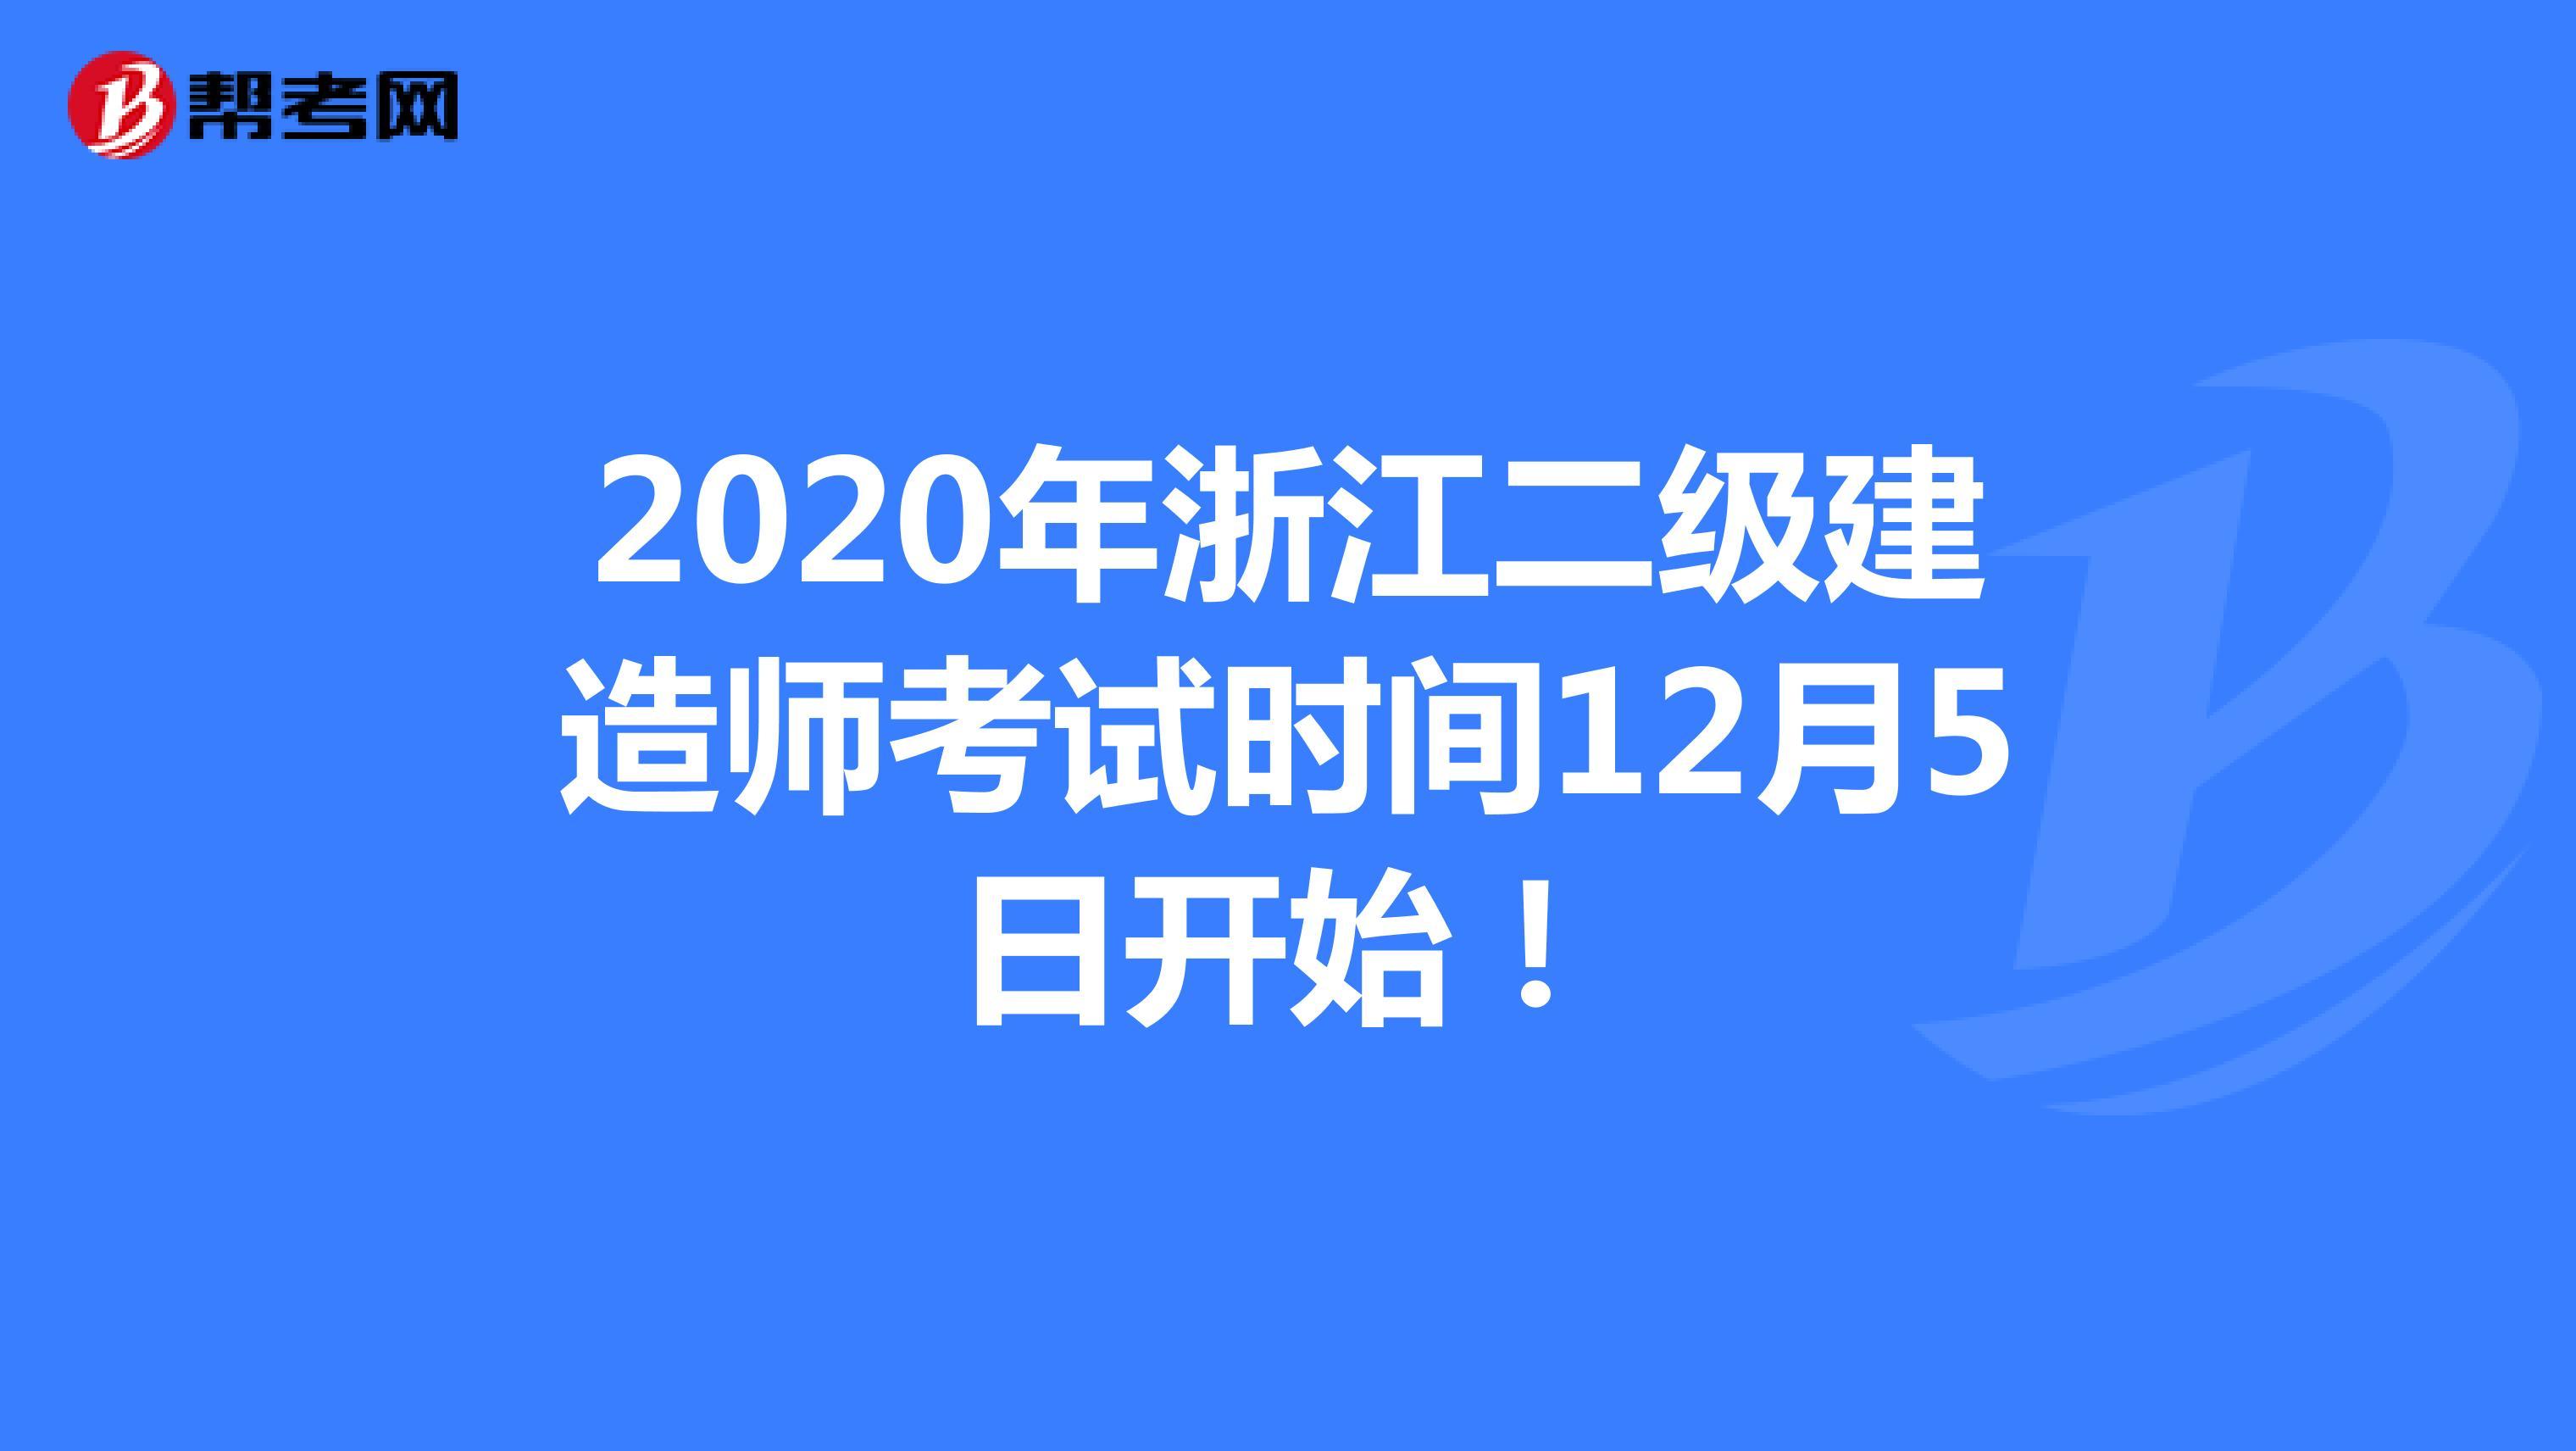 2020年浙江竞技首页雷火时间12月5日开始!